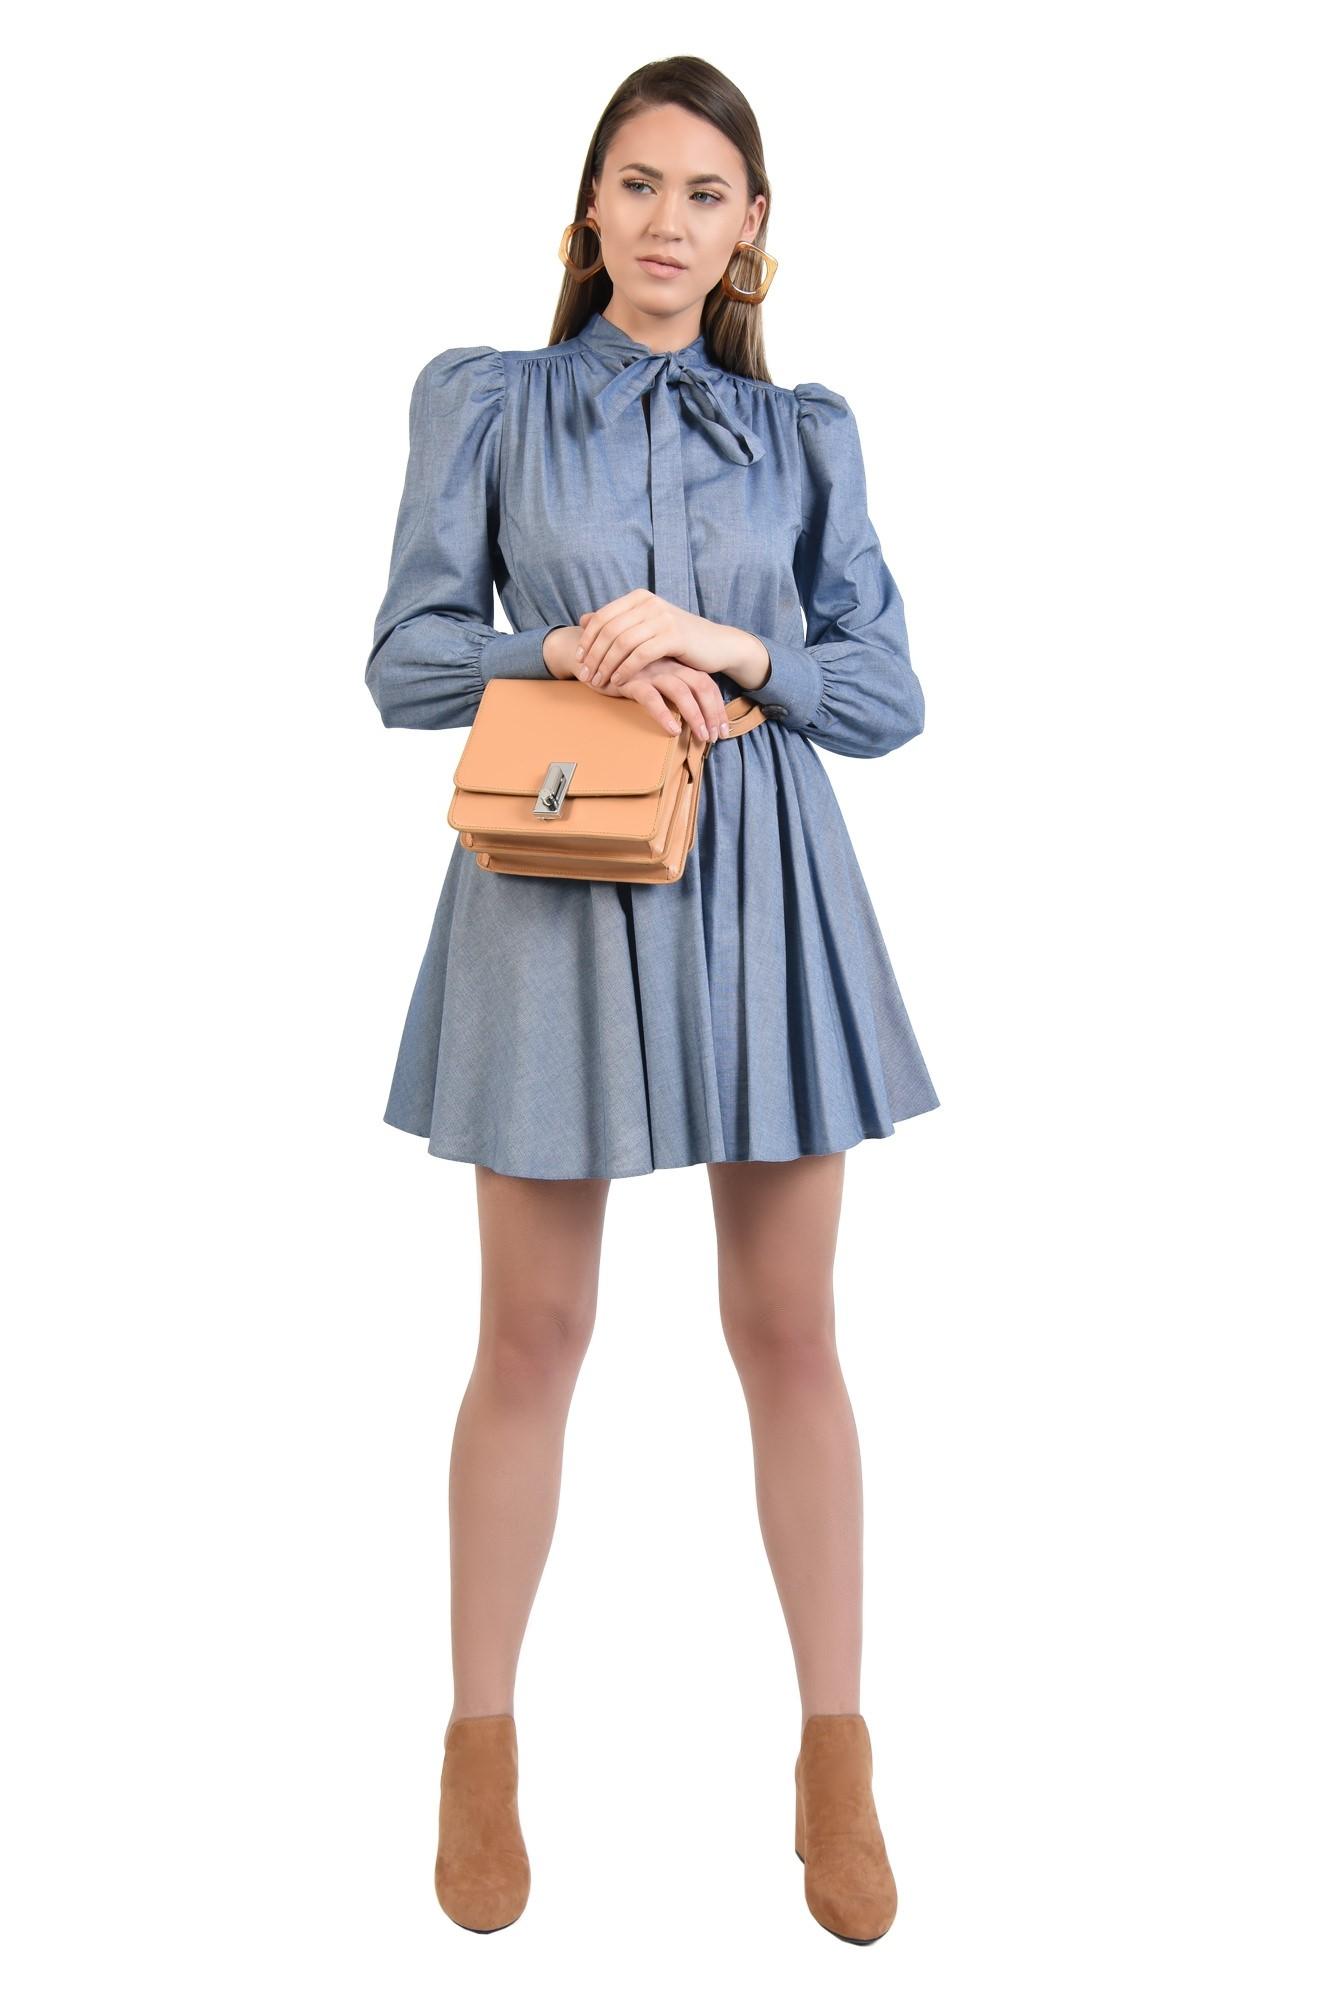 rochie casual, bleu, scurta, evazata, funda cu la gat